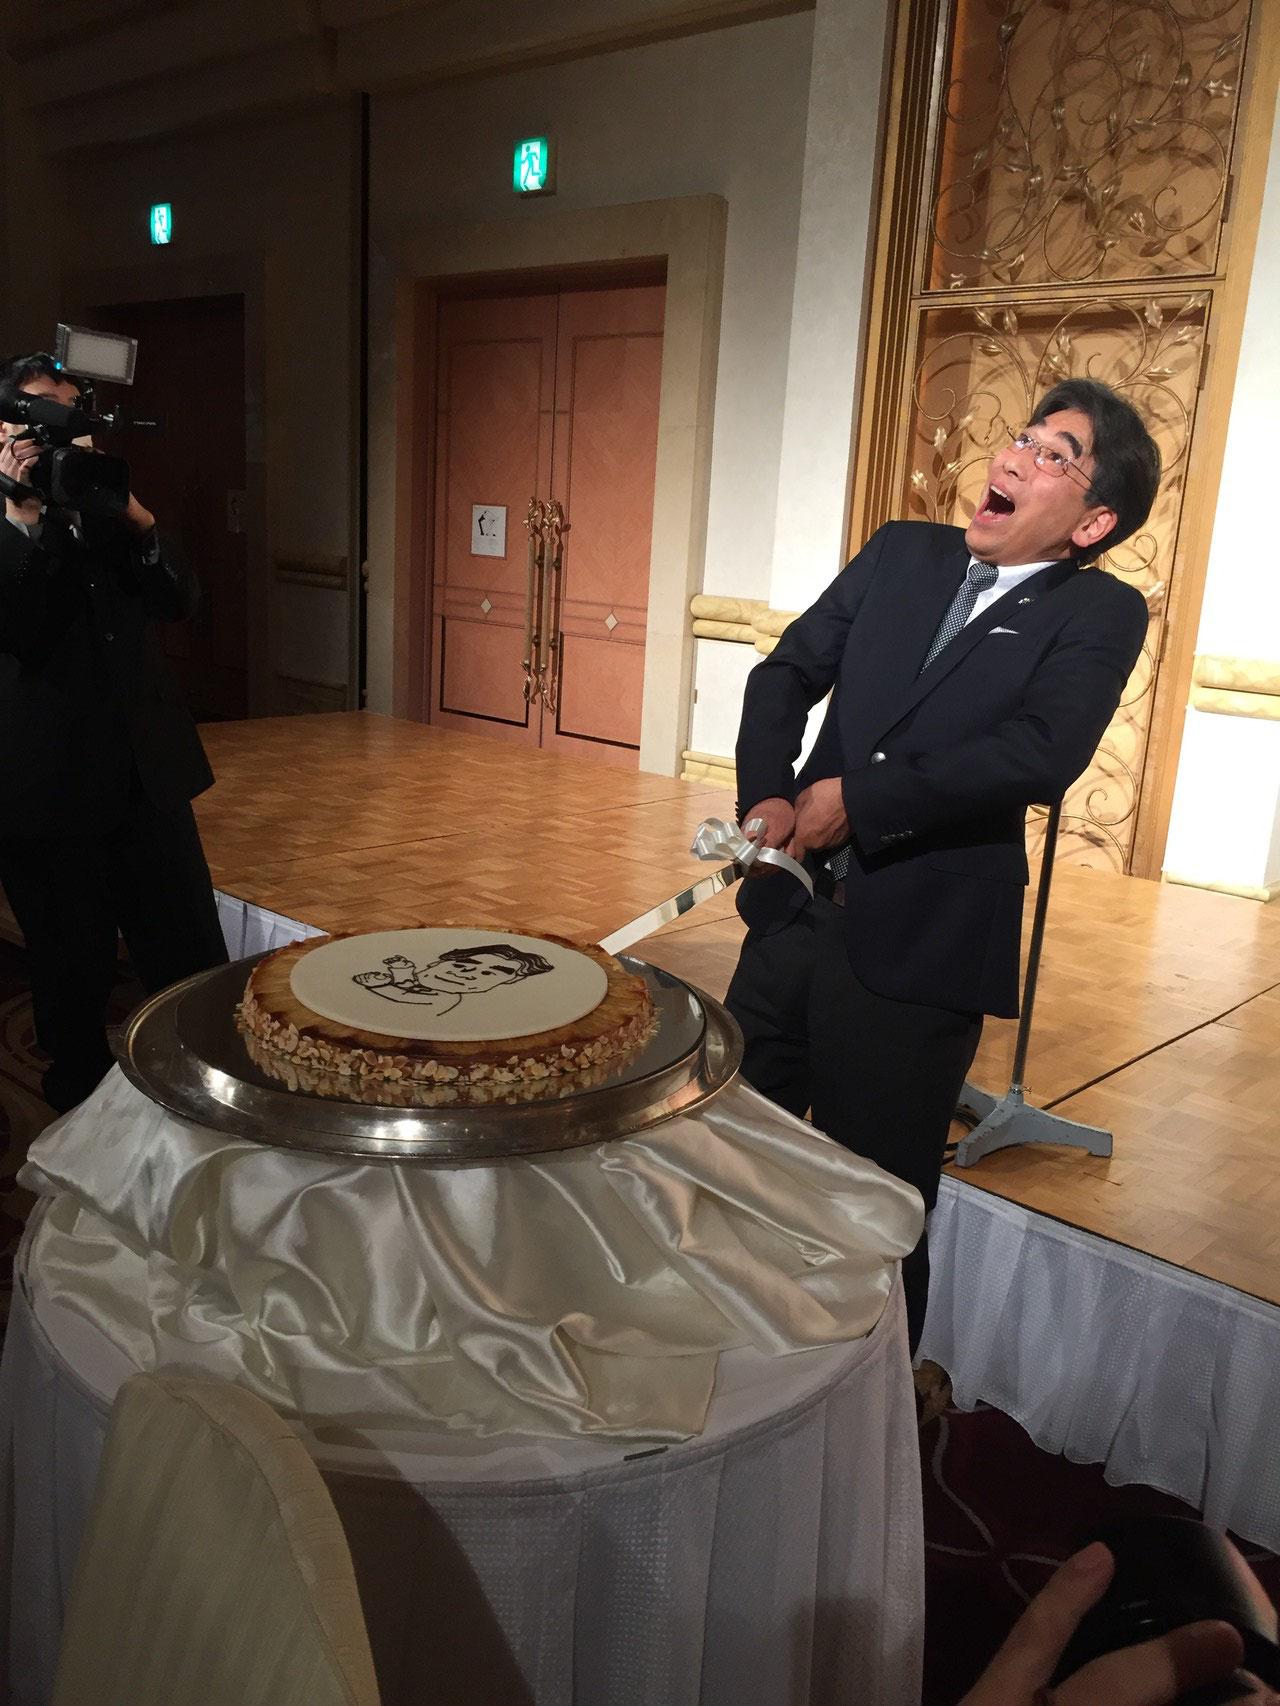 ケーキ入刀?